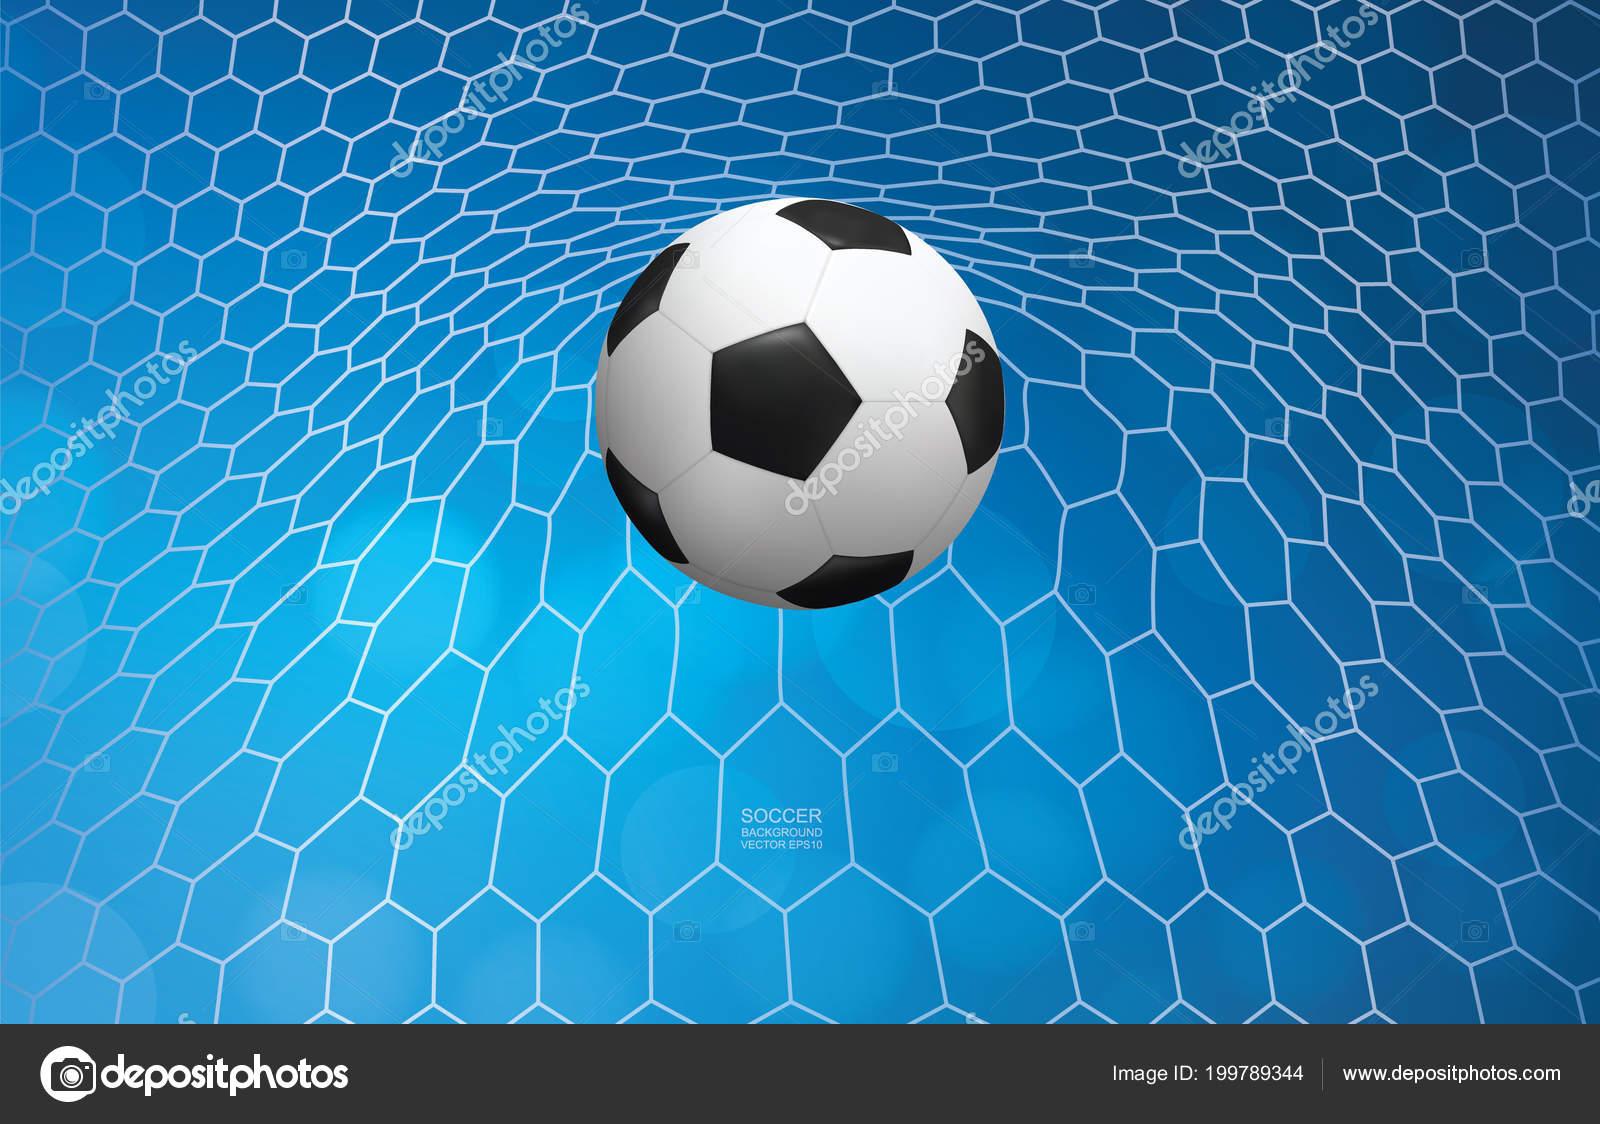 Fussball Fussball Ball Tor Und Fussballnetz Mit Licht Unscharf